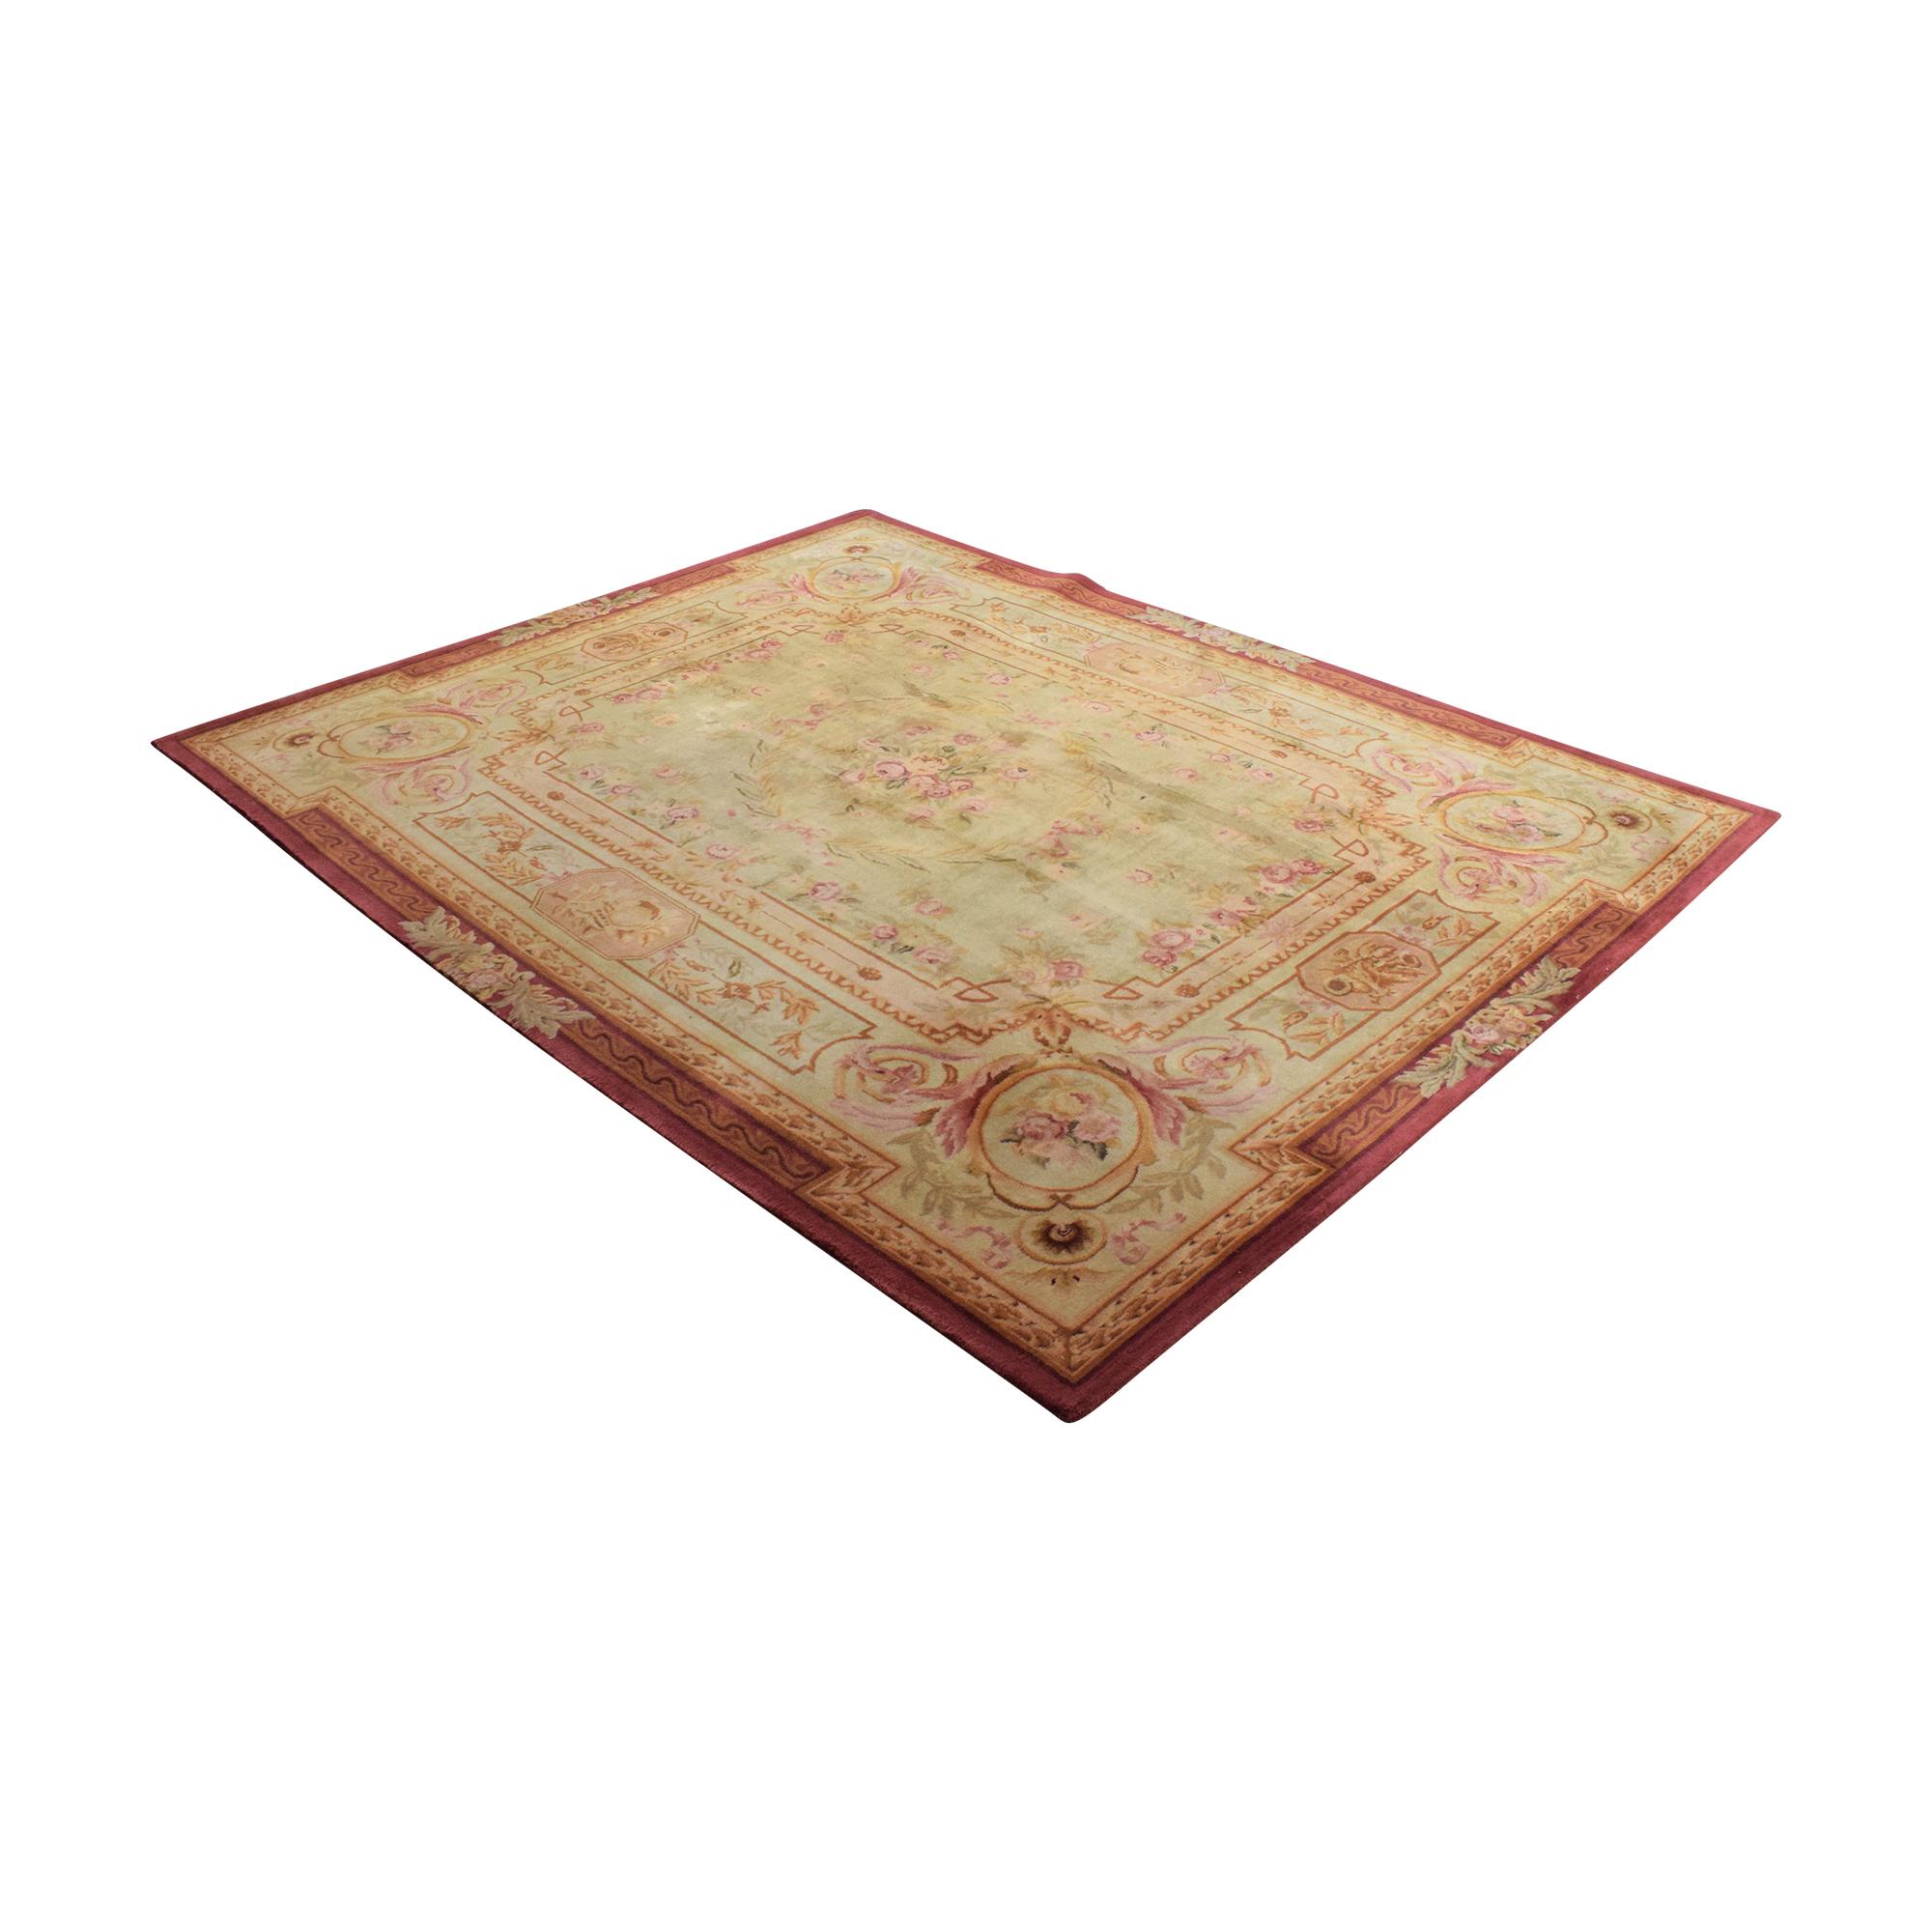 ABC Carpet & Home ABC Carpet & Home Savonery Rug second hand